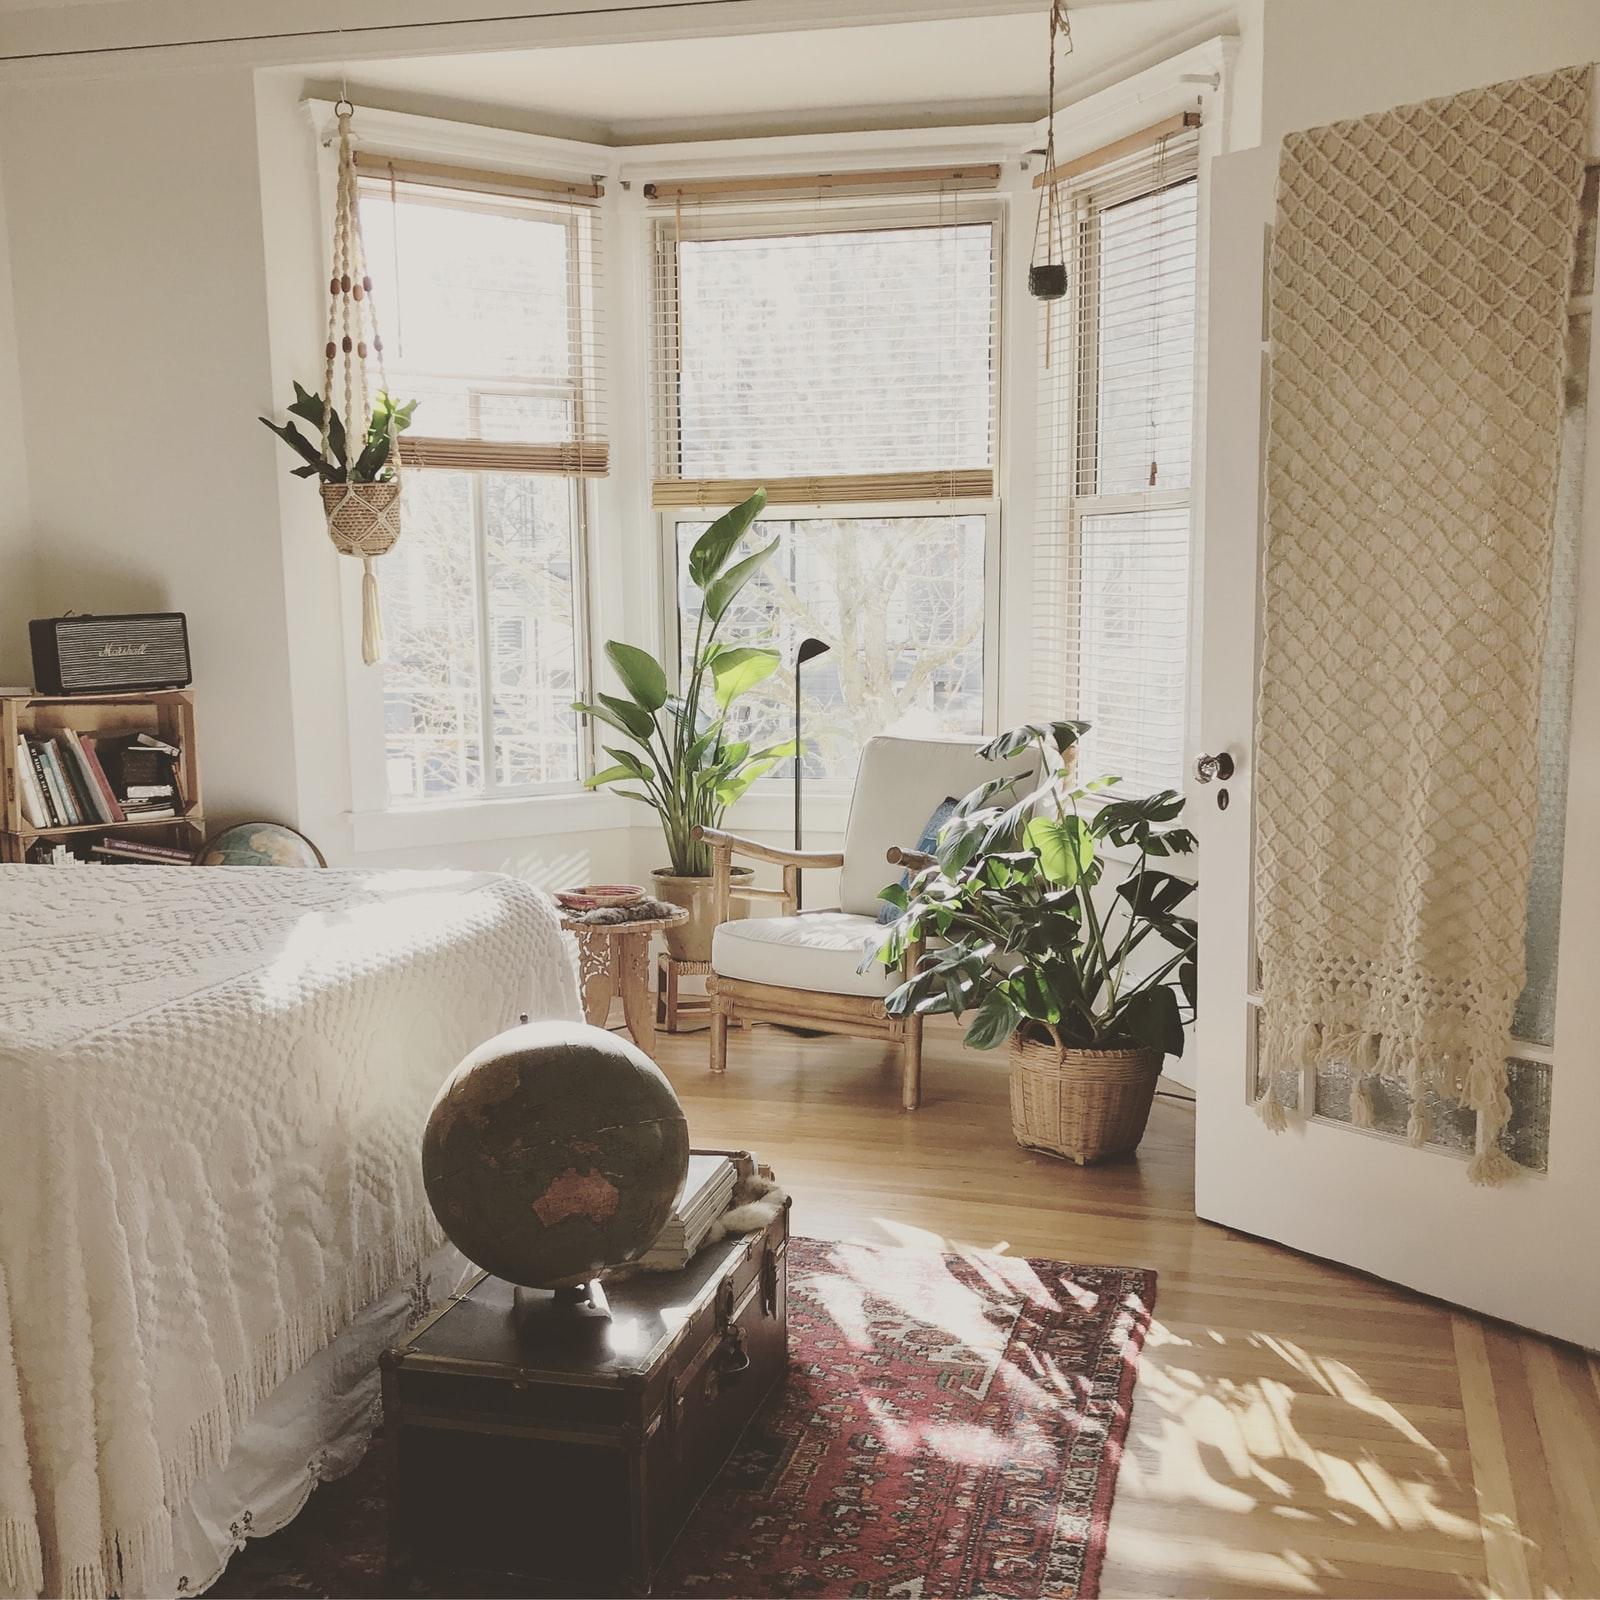 Plantas no quarto para refrescar